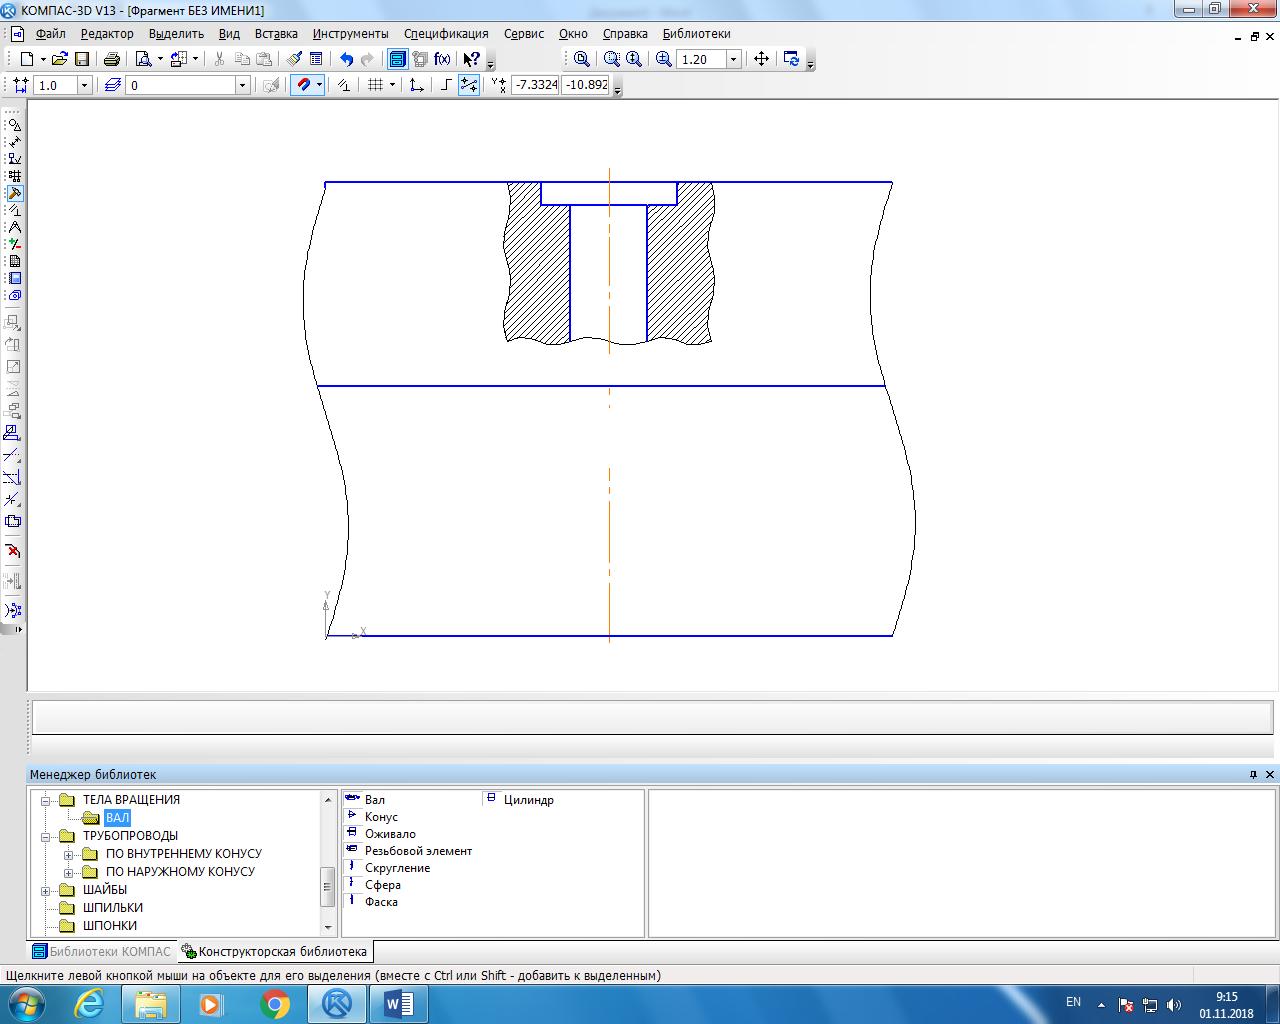 Как сделать ровный конус из бумаги. как сделать развертку – выкройку для конуса или усеченного конуса заданных размеров. простой расчет развертки